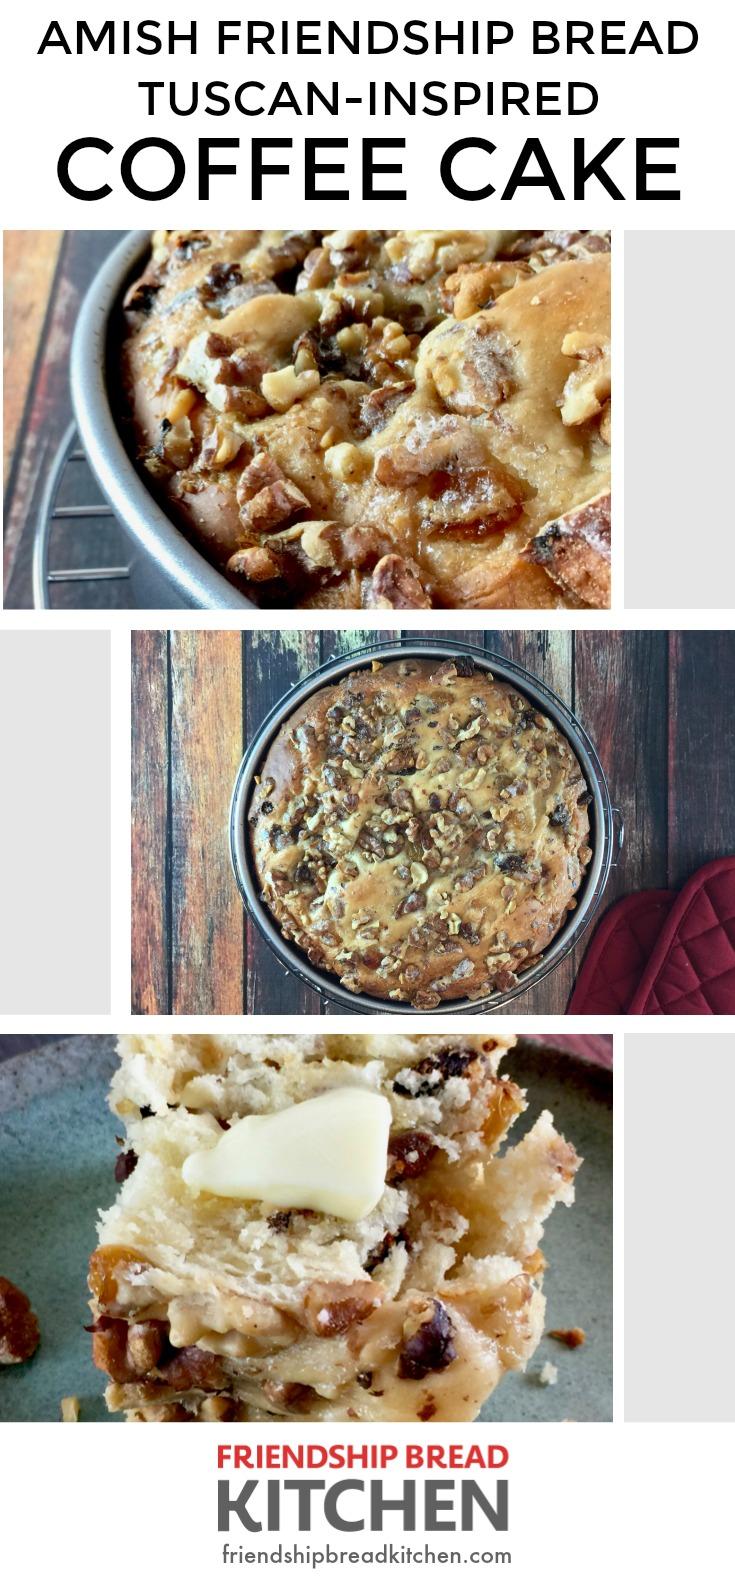 Amish Friendship Bread Tuscan Coffee Cake | friendshipbreadkitchen.com